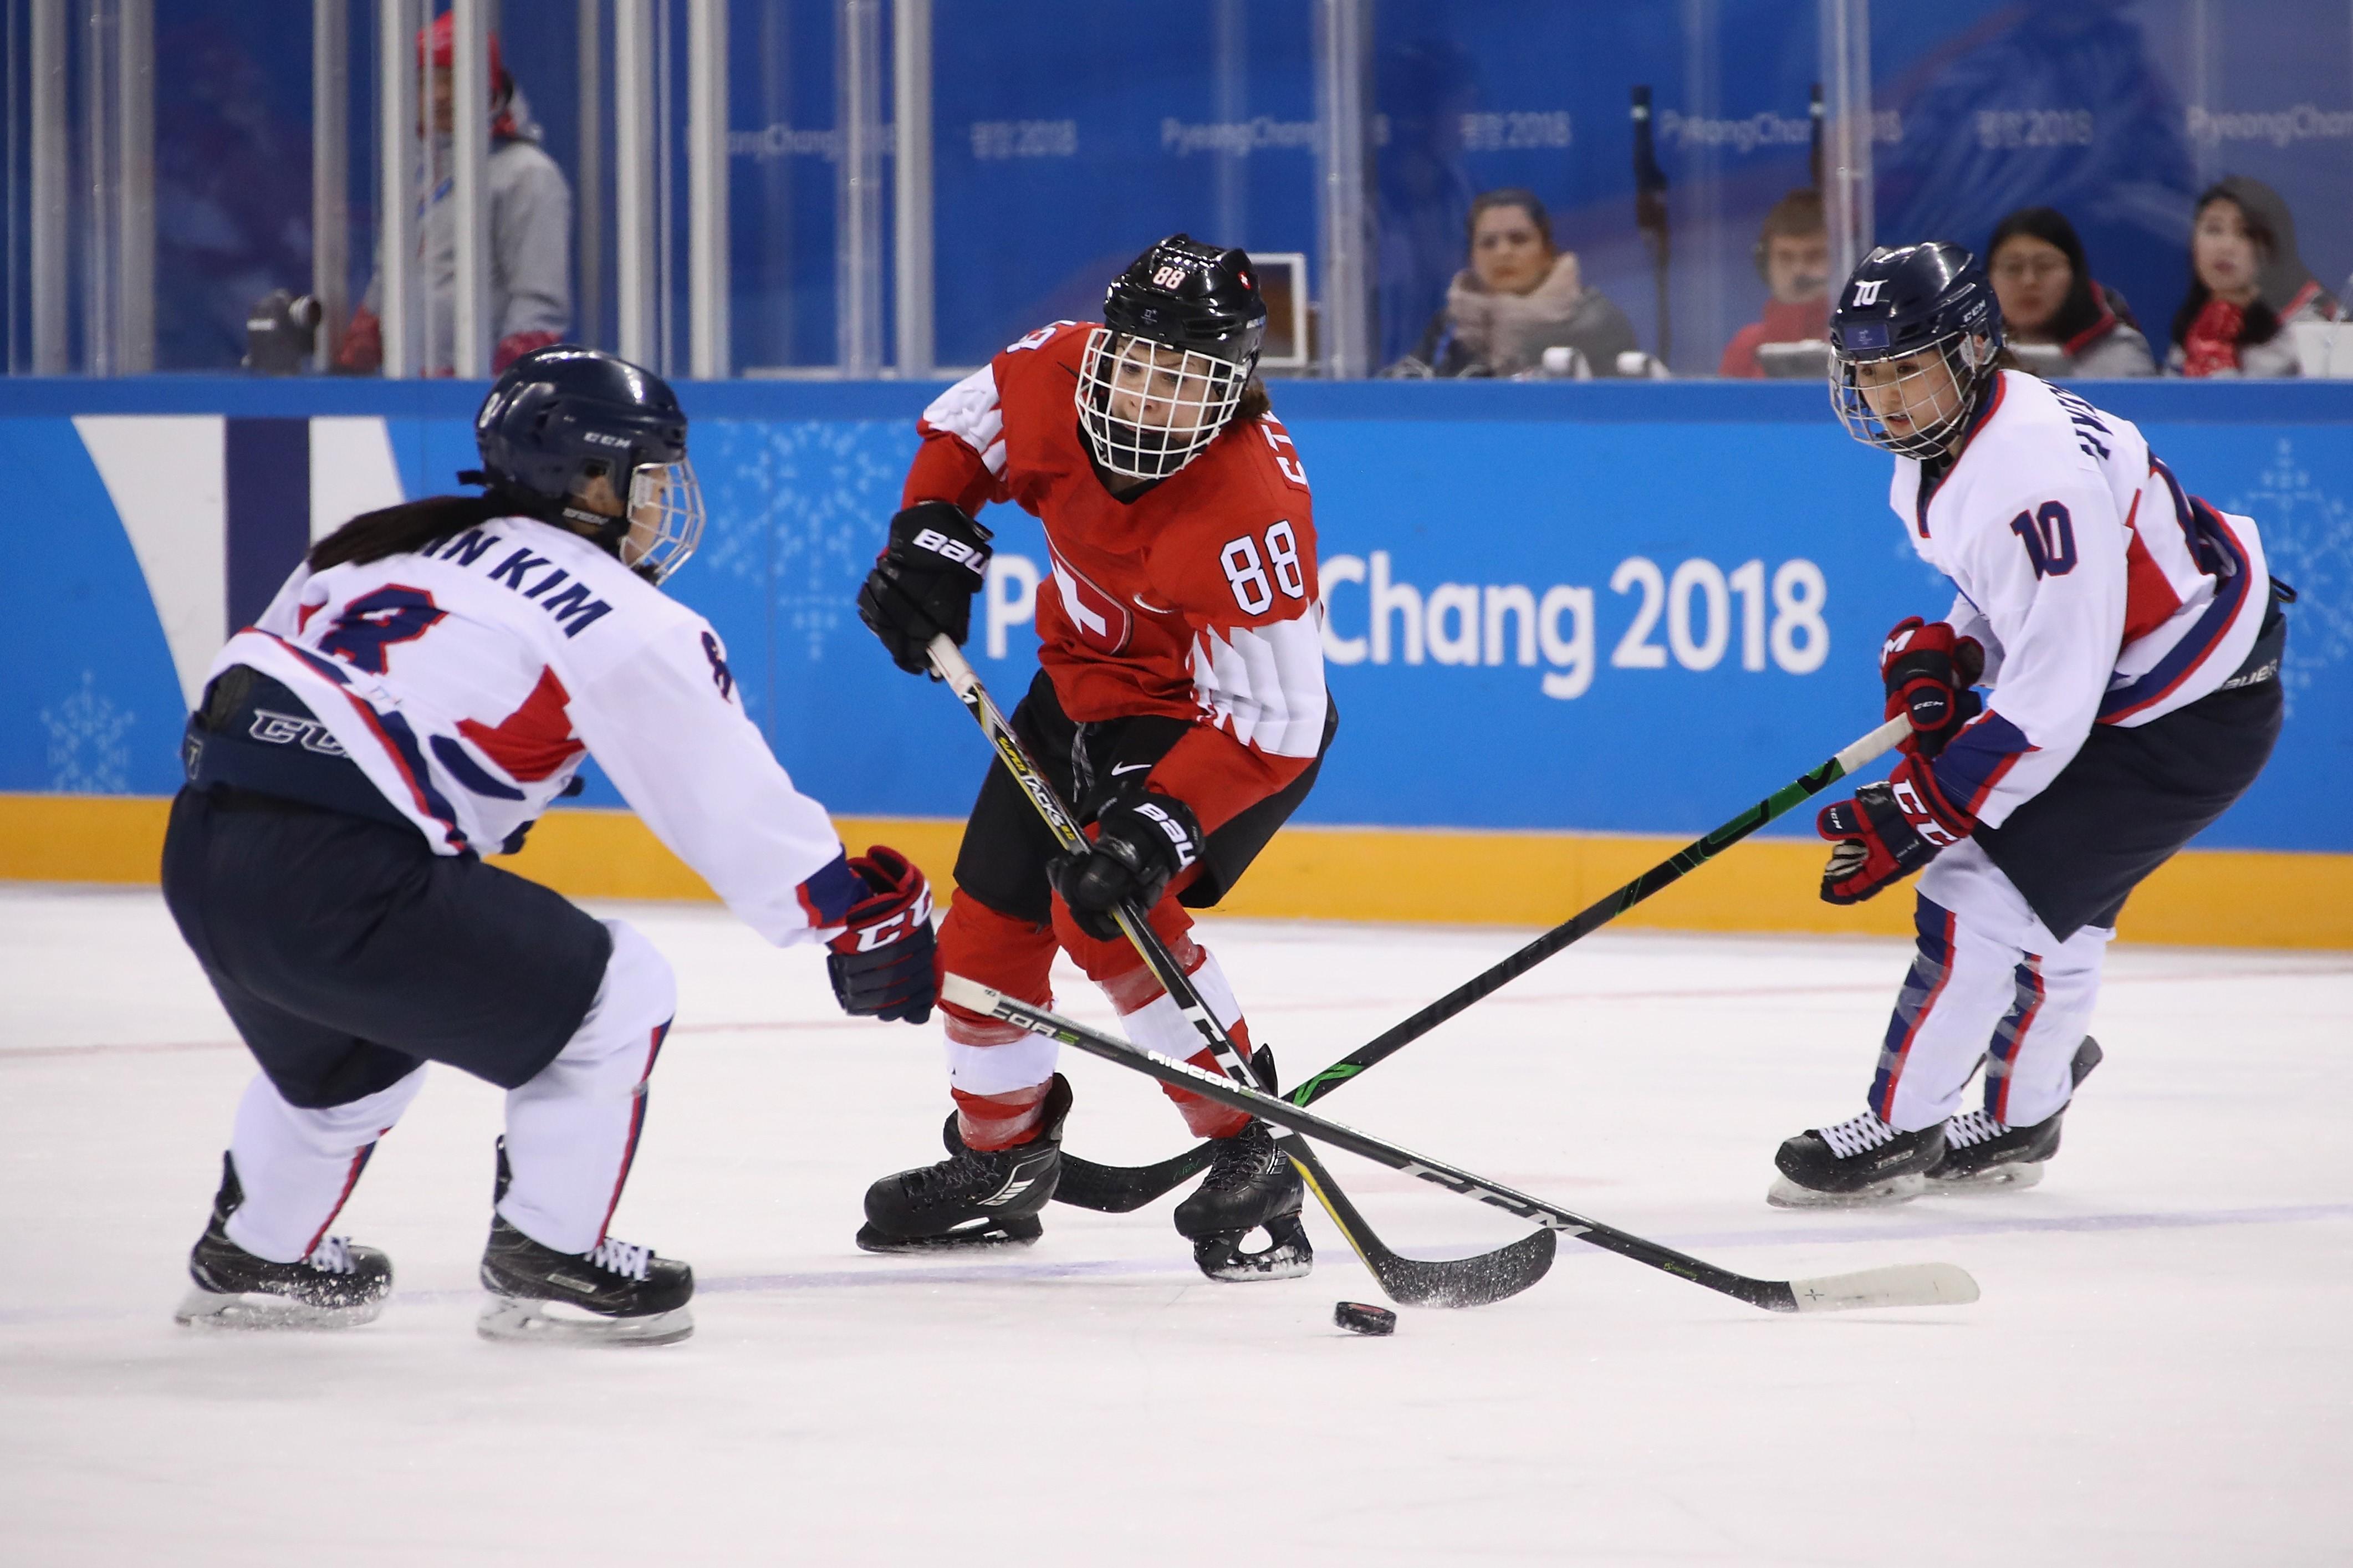 Les joueuses de hockey sur glace de la Corée unifiée face à la Suisse aux Jeux Olympiques de PyeongChang